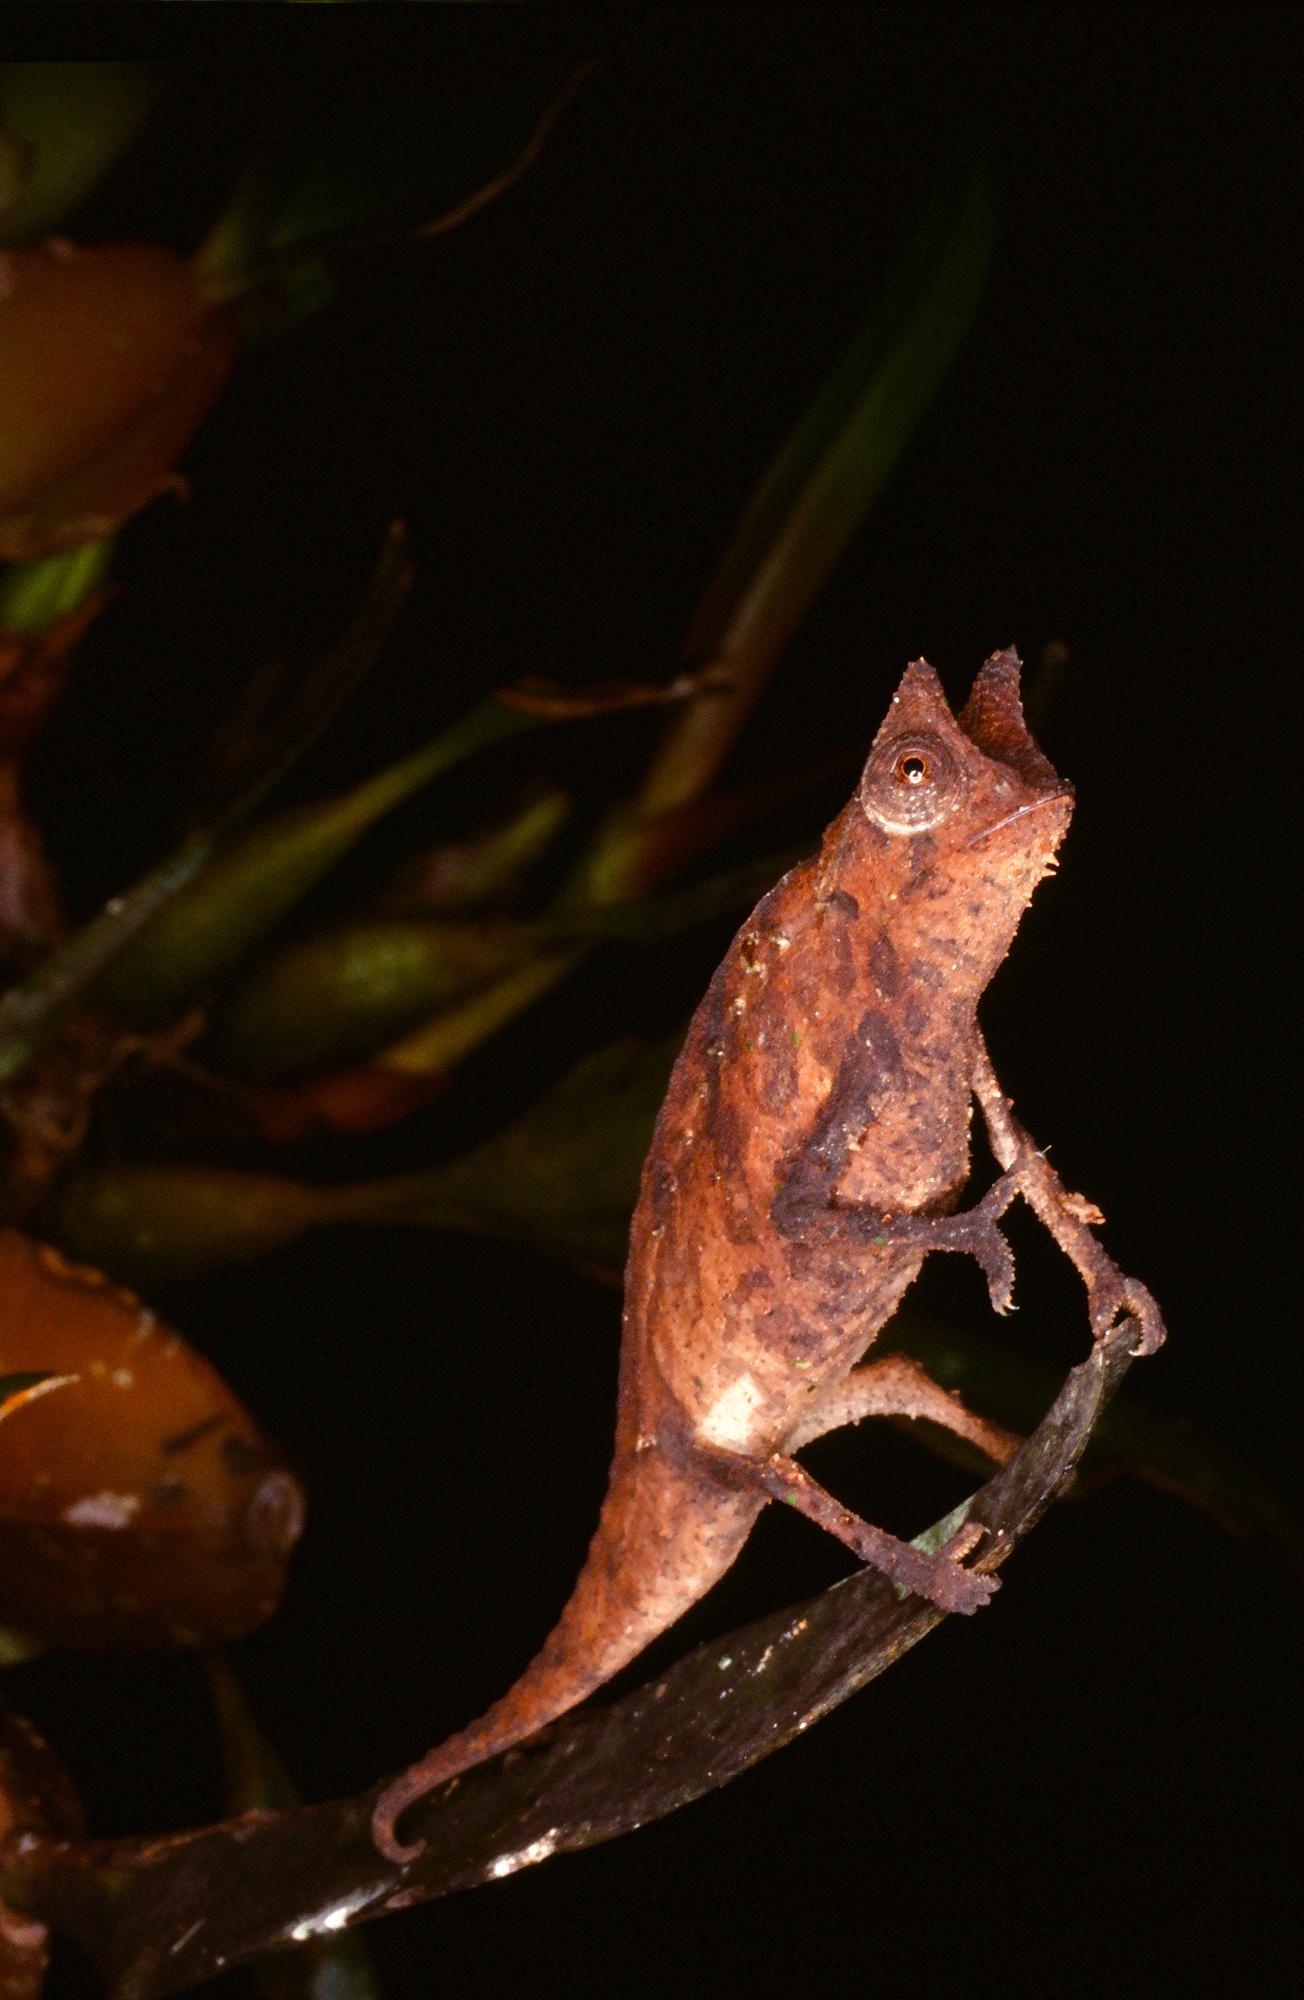 HORNED LEAF CHAMELEON (Brookesia superciliaris)